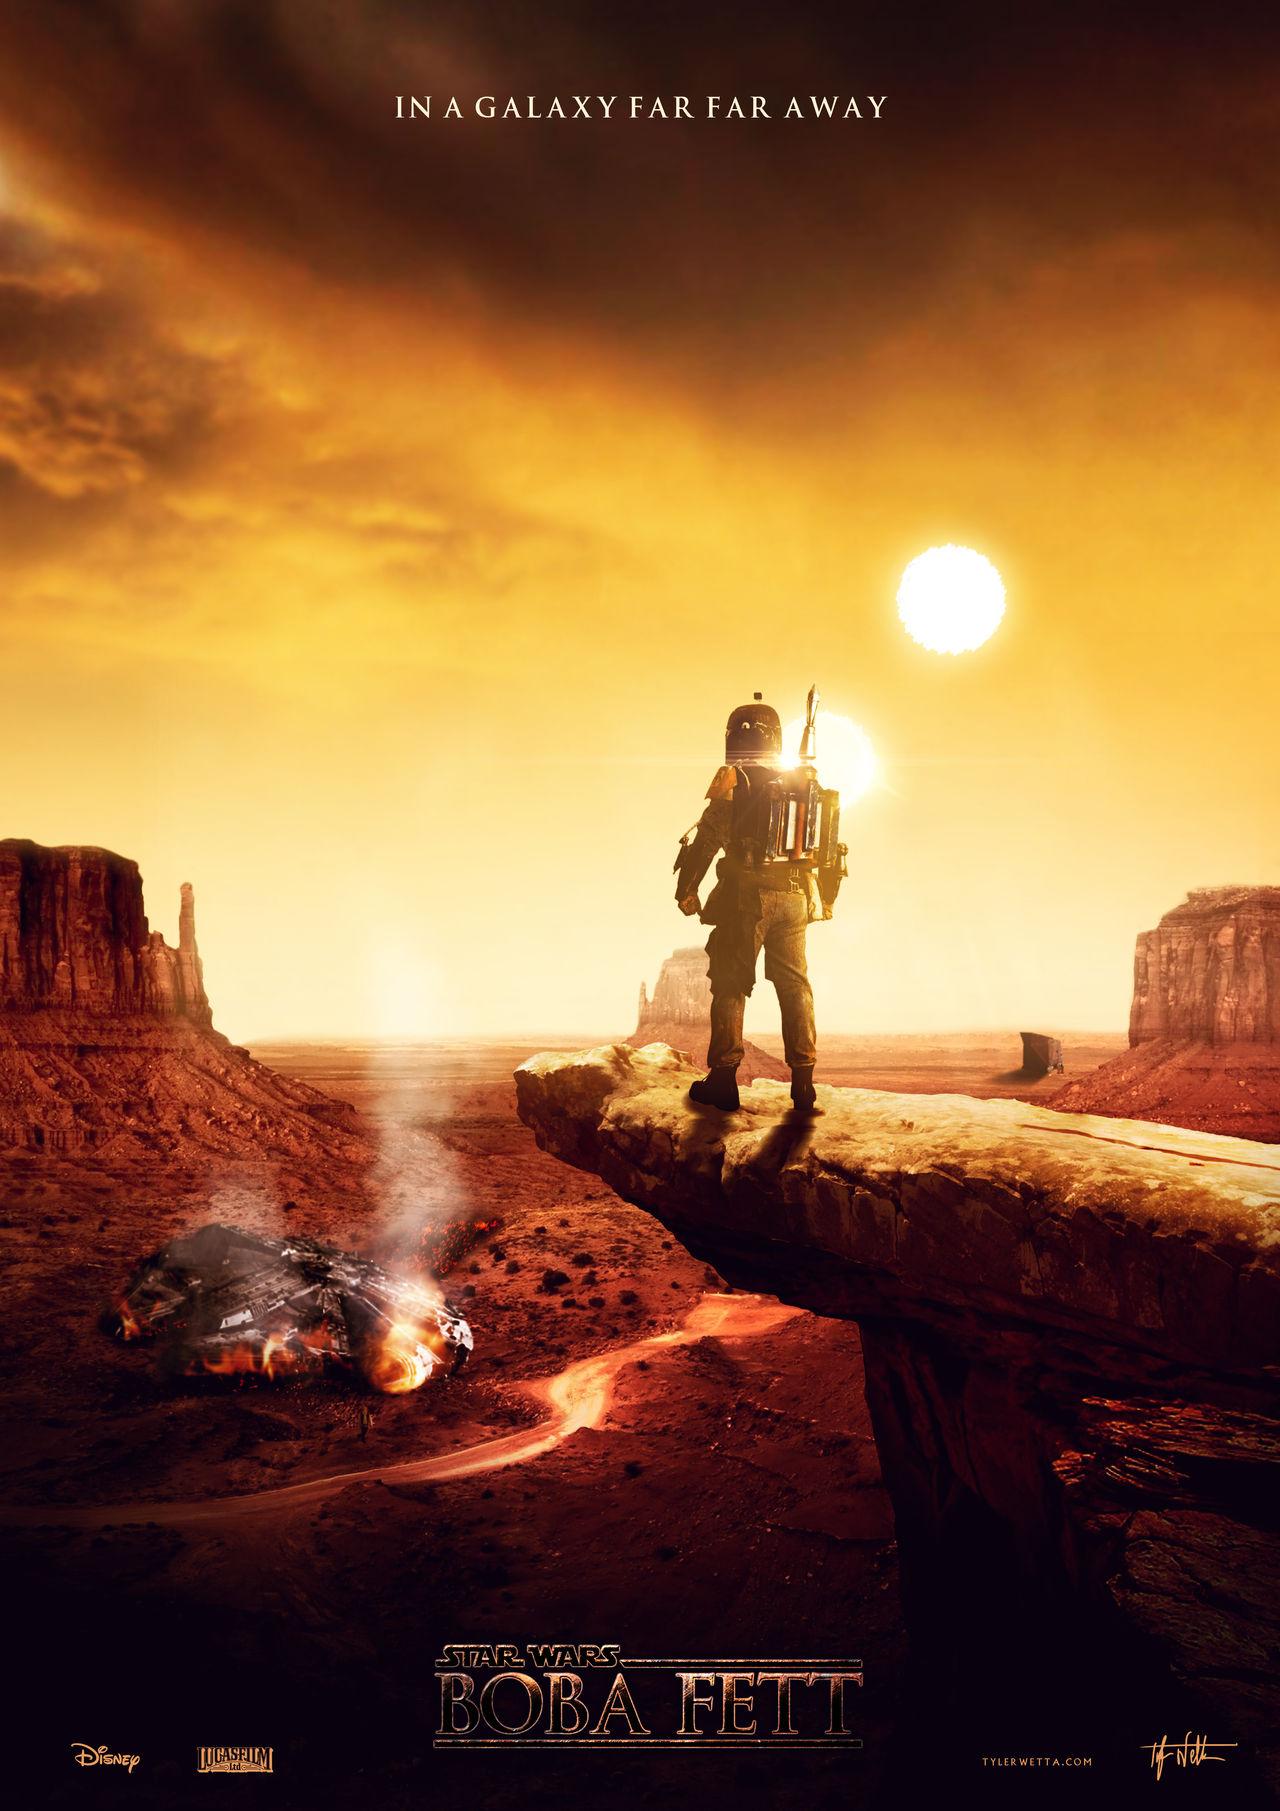 Star Wars: Boba Fett Movie Poster